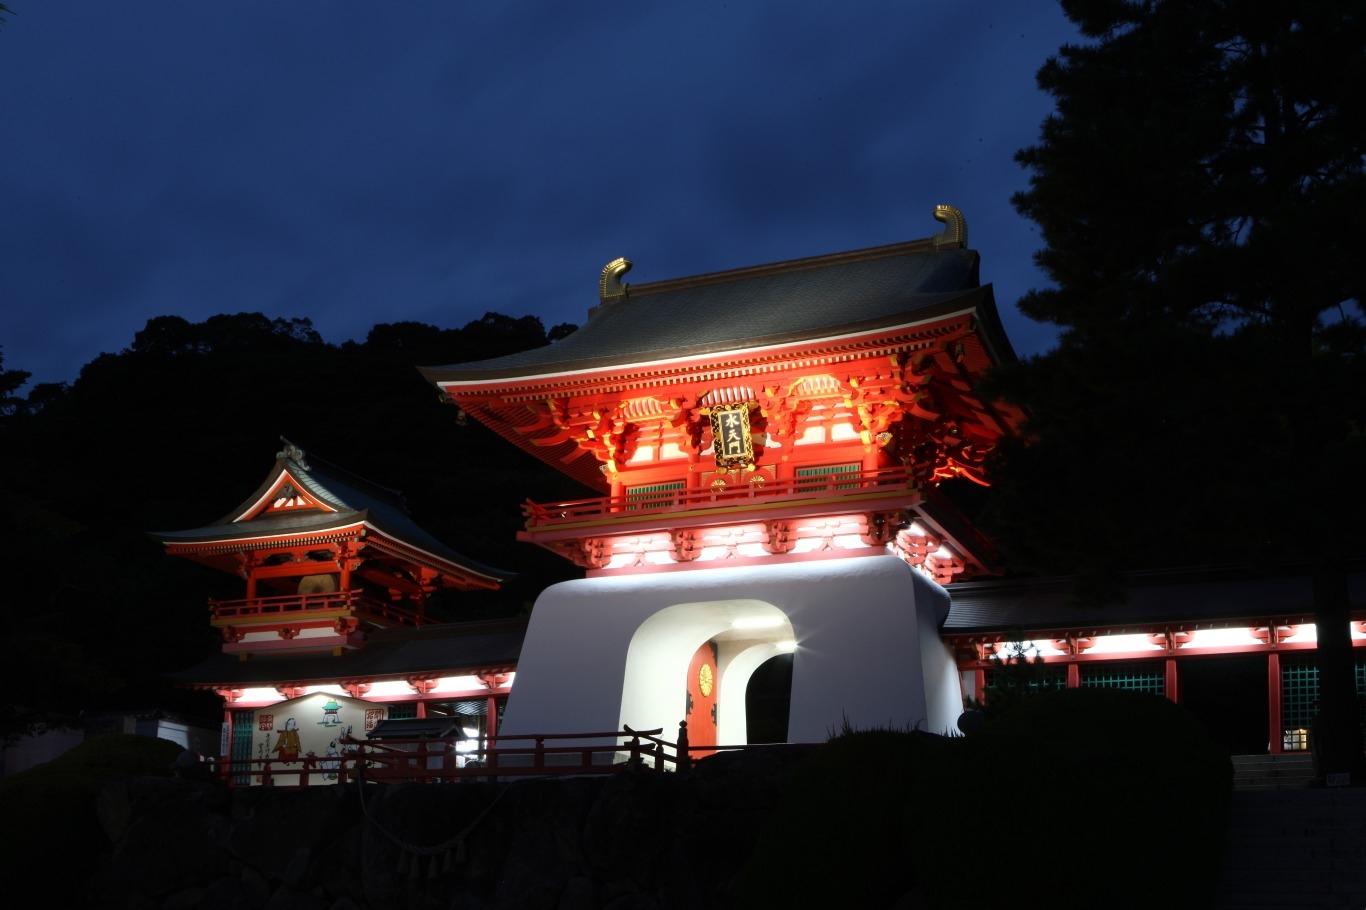 2. Akama Shrine